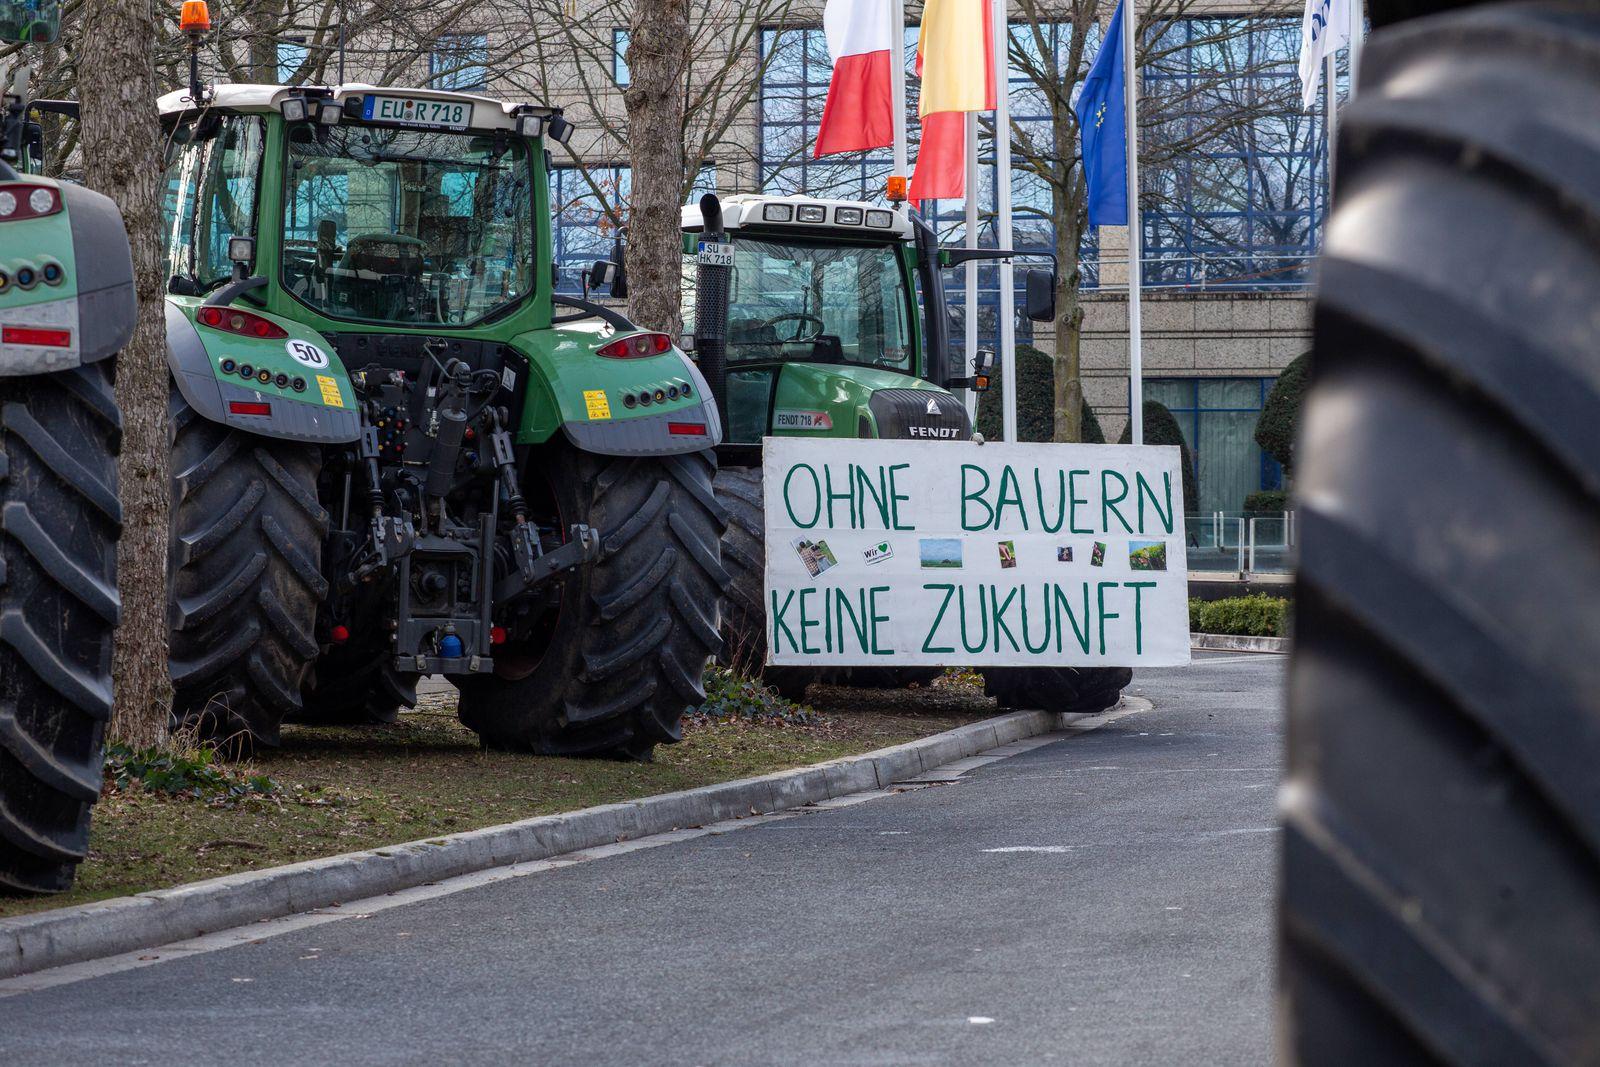 Landwirte demonstrieren vor BMU in Bonn gegen Insektenschutz Seit Sonntag demonstrieren Landwirte unter der Organisatio